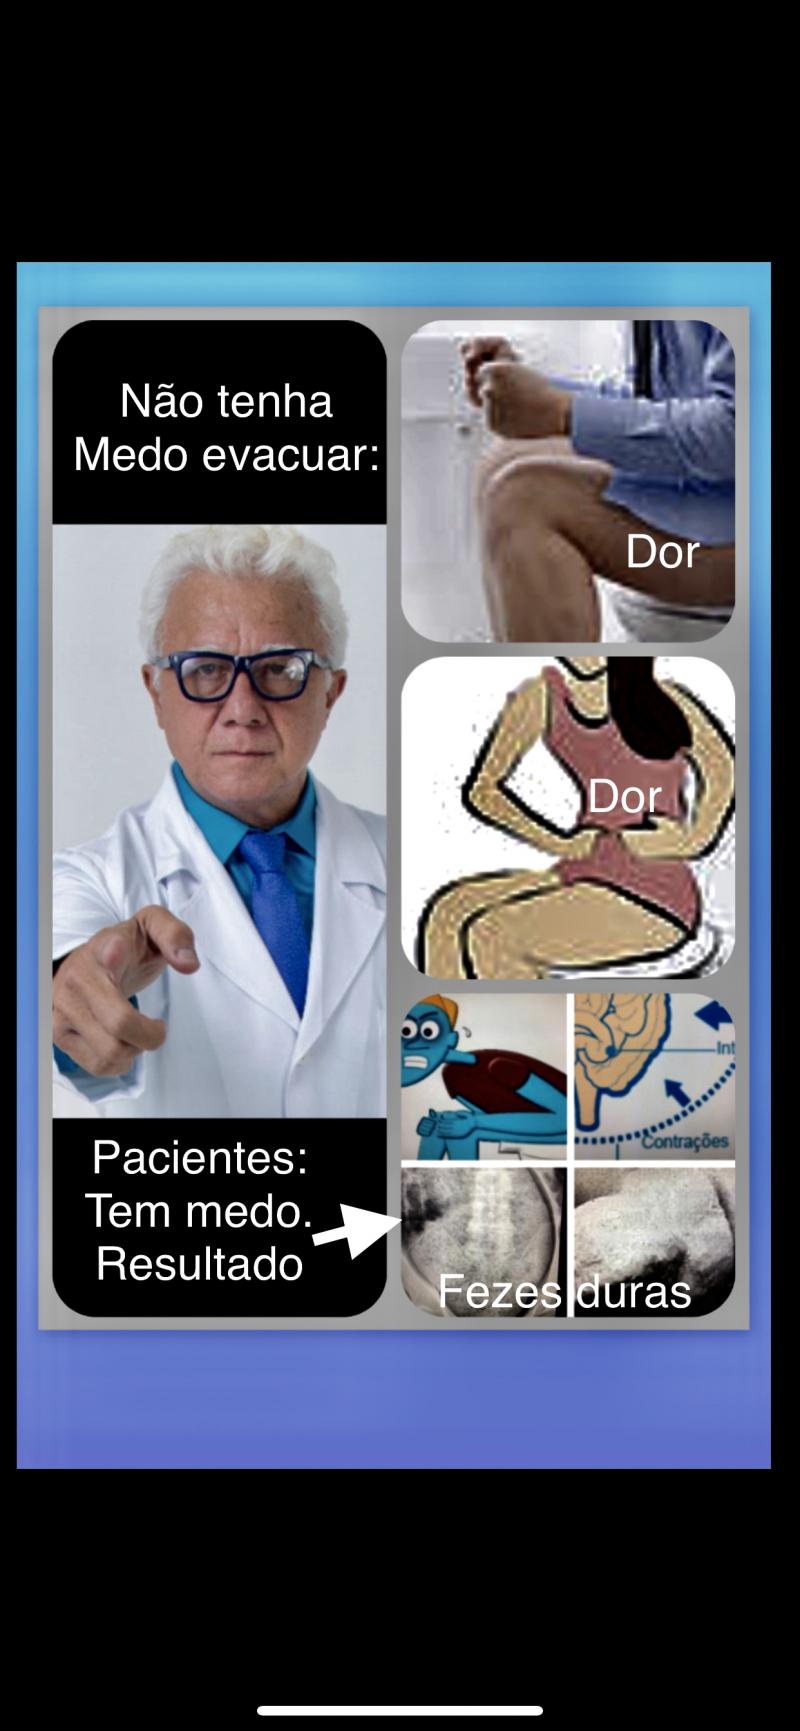 evacucao e eliminação de gases apos a cirurgia para hemorróidas, fissura anal crônica